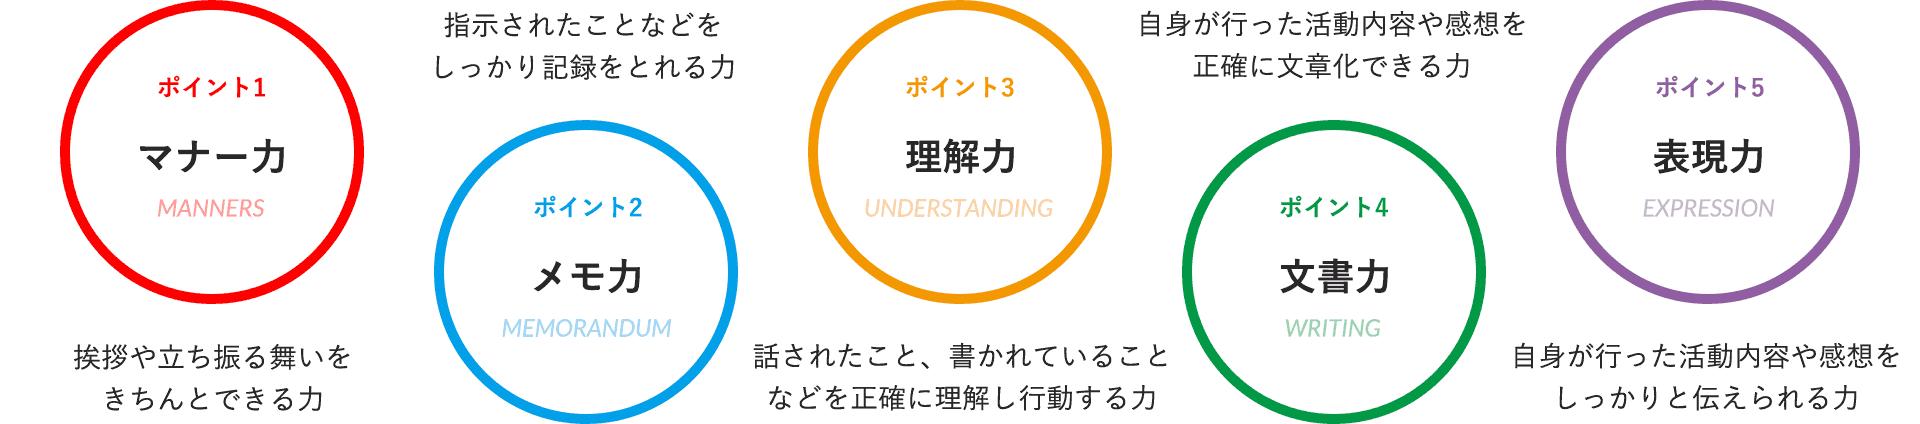 図: AO入試で評価となる5つのポイント